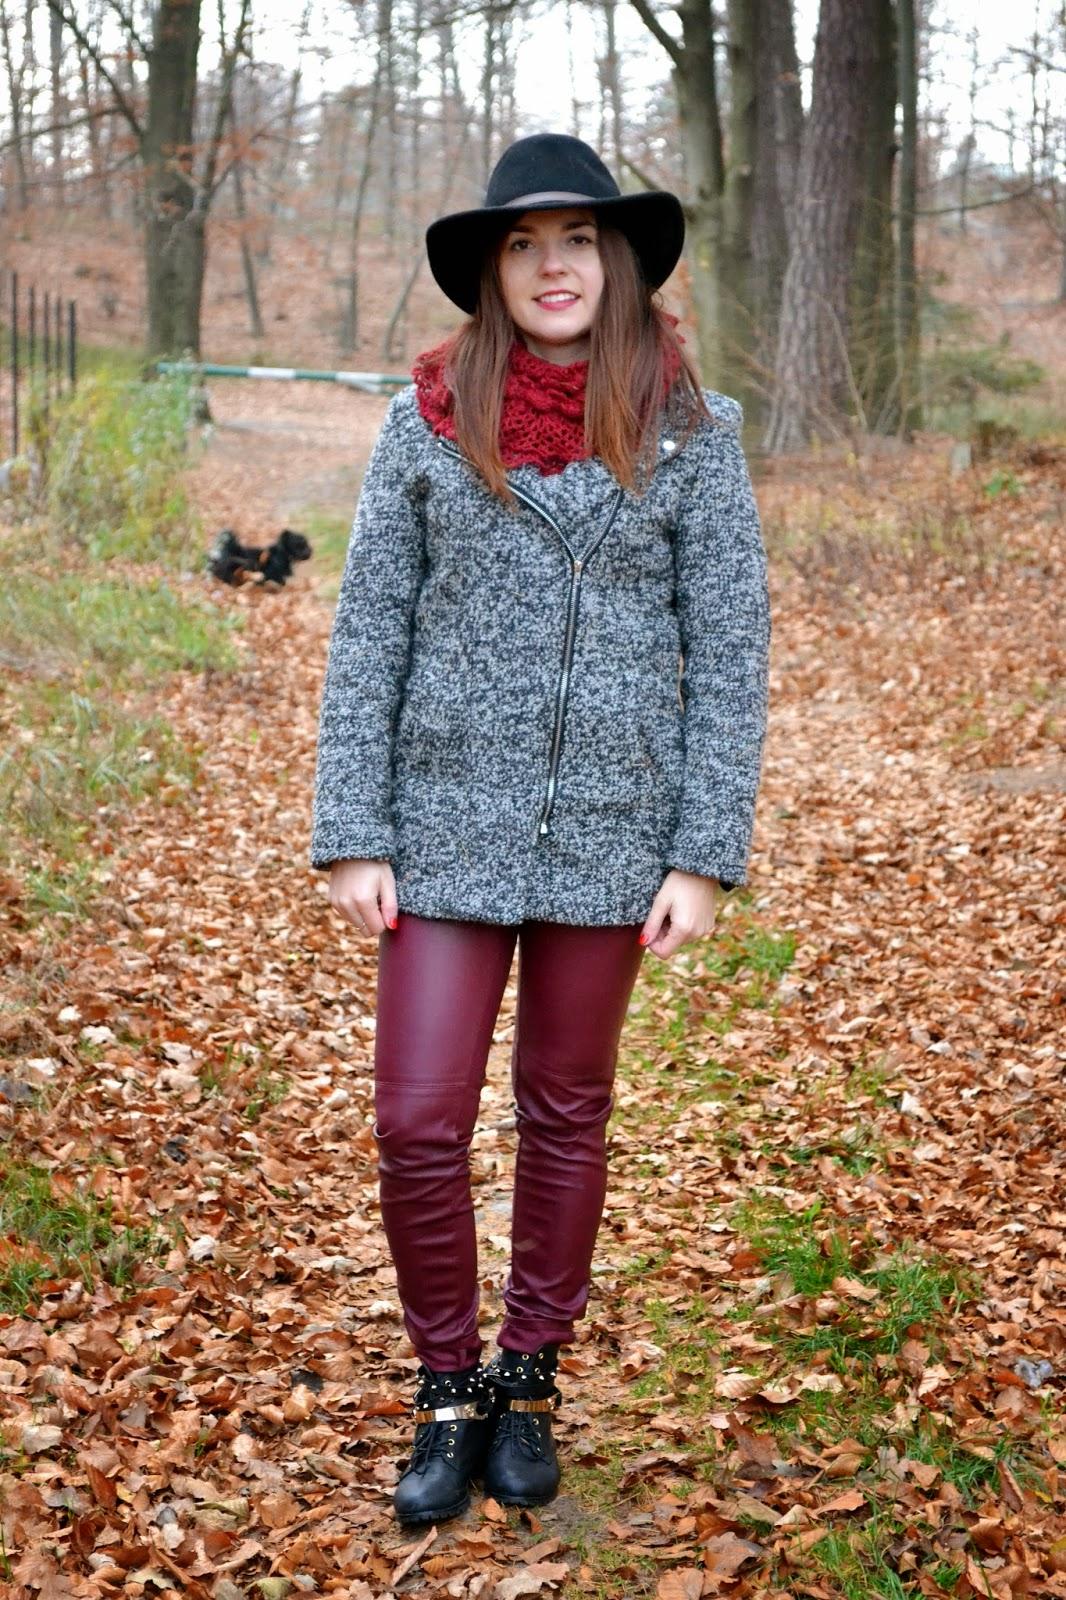 burgundowe spodnie z kapeluszem, bordowe spodnie, skórzane rurki, skórzane bordowe spodnie, czarny kapelusz stylizacja,kapelusz